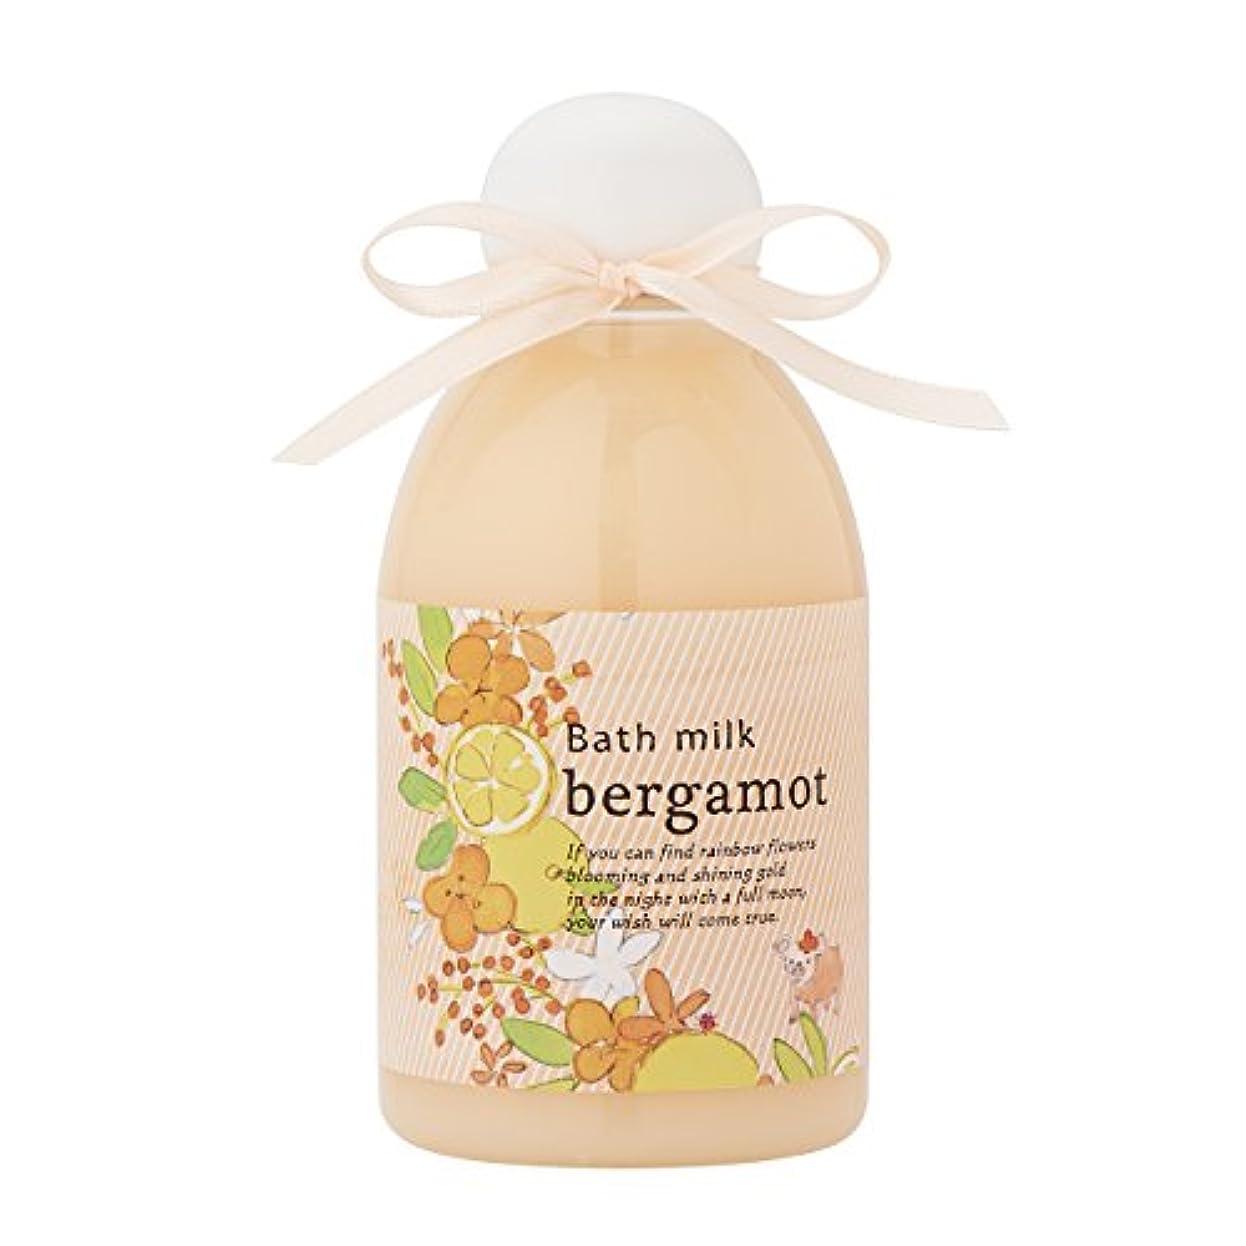 検索エンジンマーケティングしおれたメディアサンハーブ バスミルク ベルガモット 200ml(バブルバスタイプ入浴料 泡風呂 懐かしい甘酸っぱい香り)